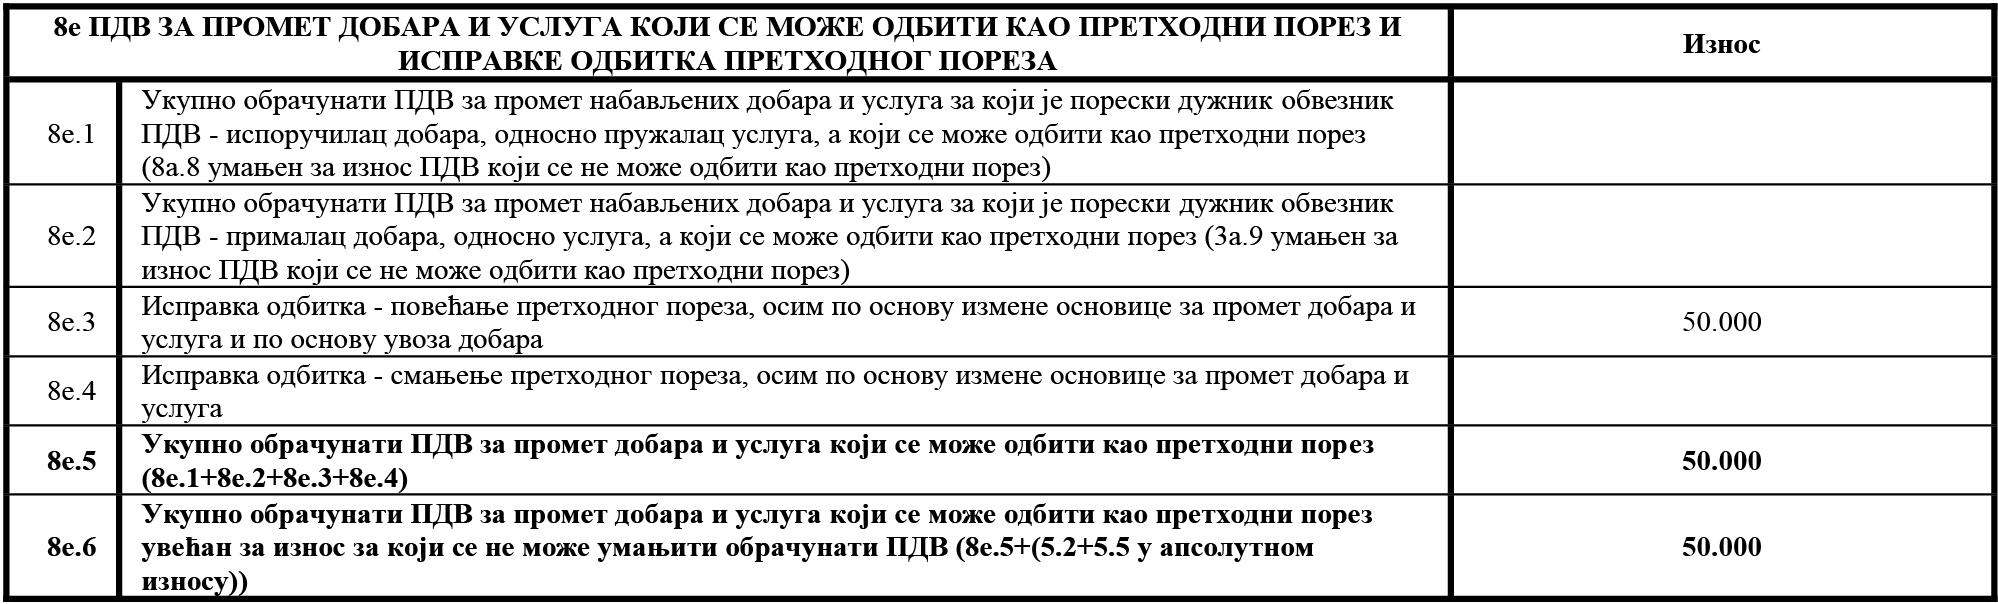 uputstvo PU obrazac POPDV primer 124